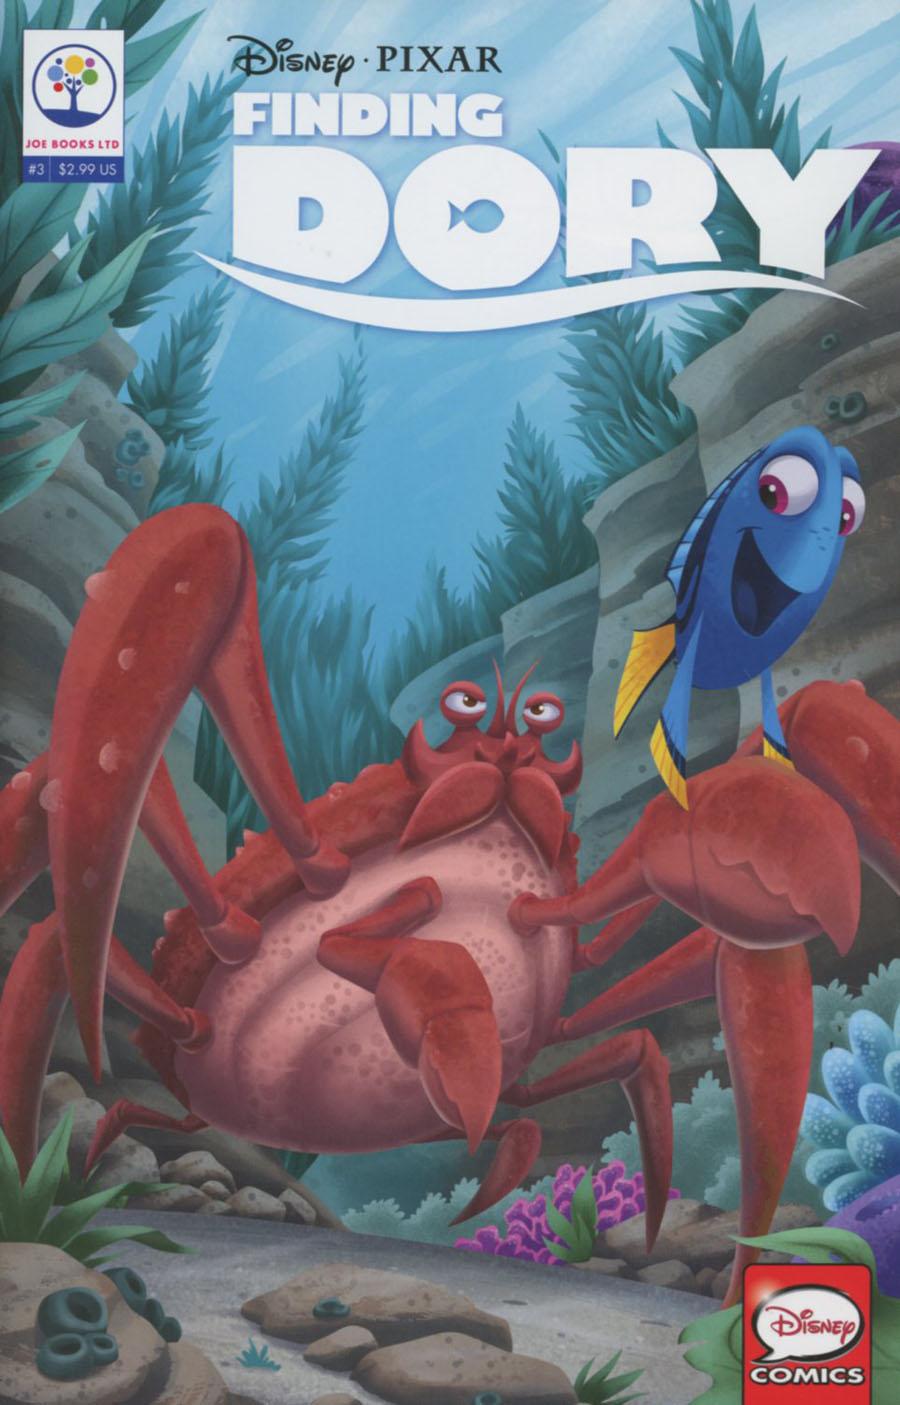 Disney Pixars Finding Dory #3